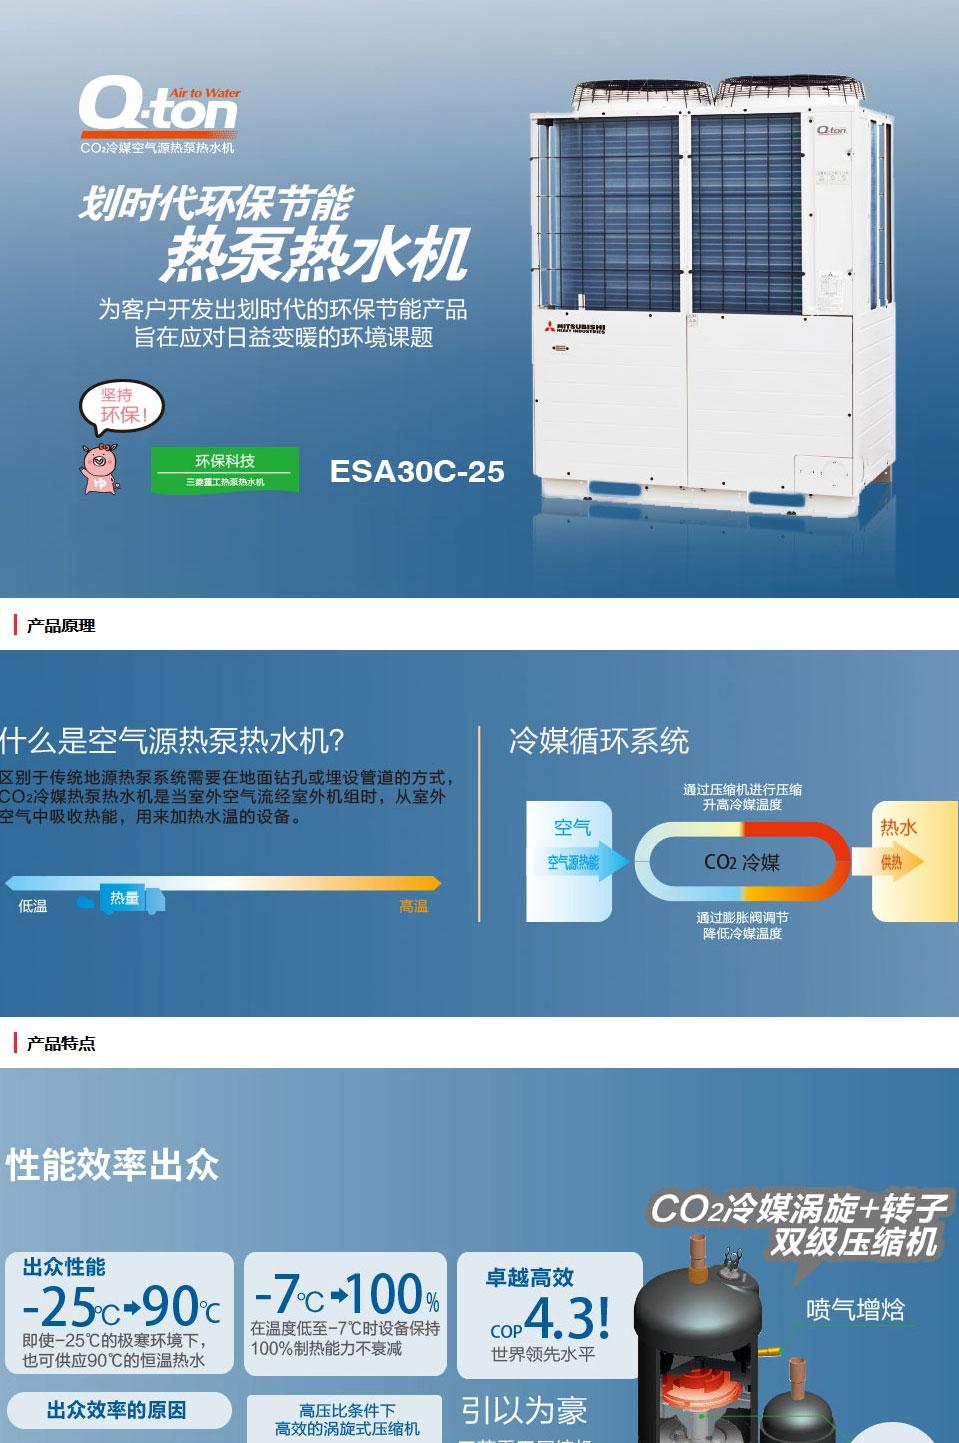 三菱重工冷媒空气源热泵热水机Q-ton_01